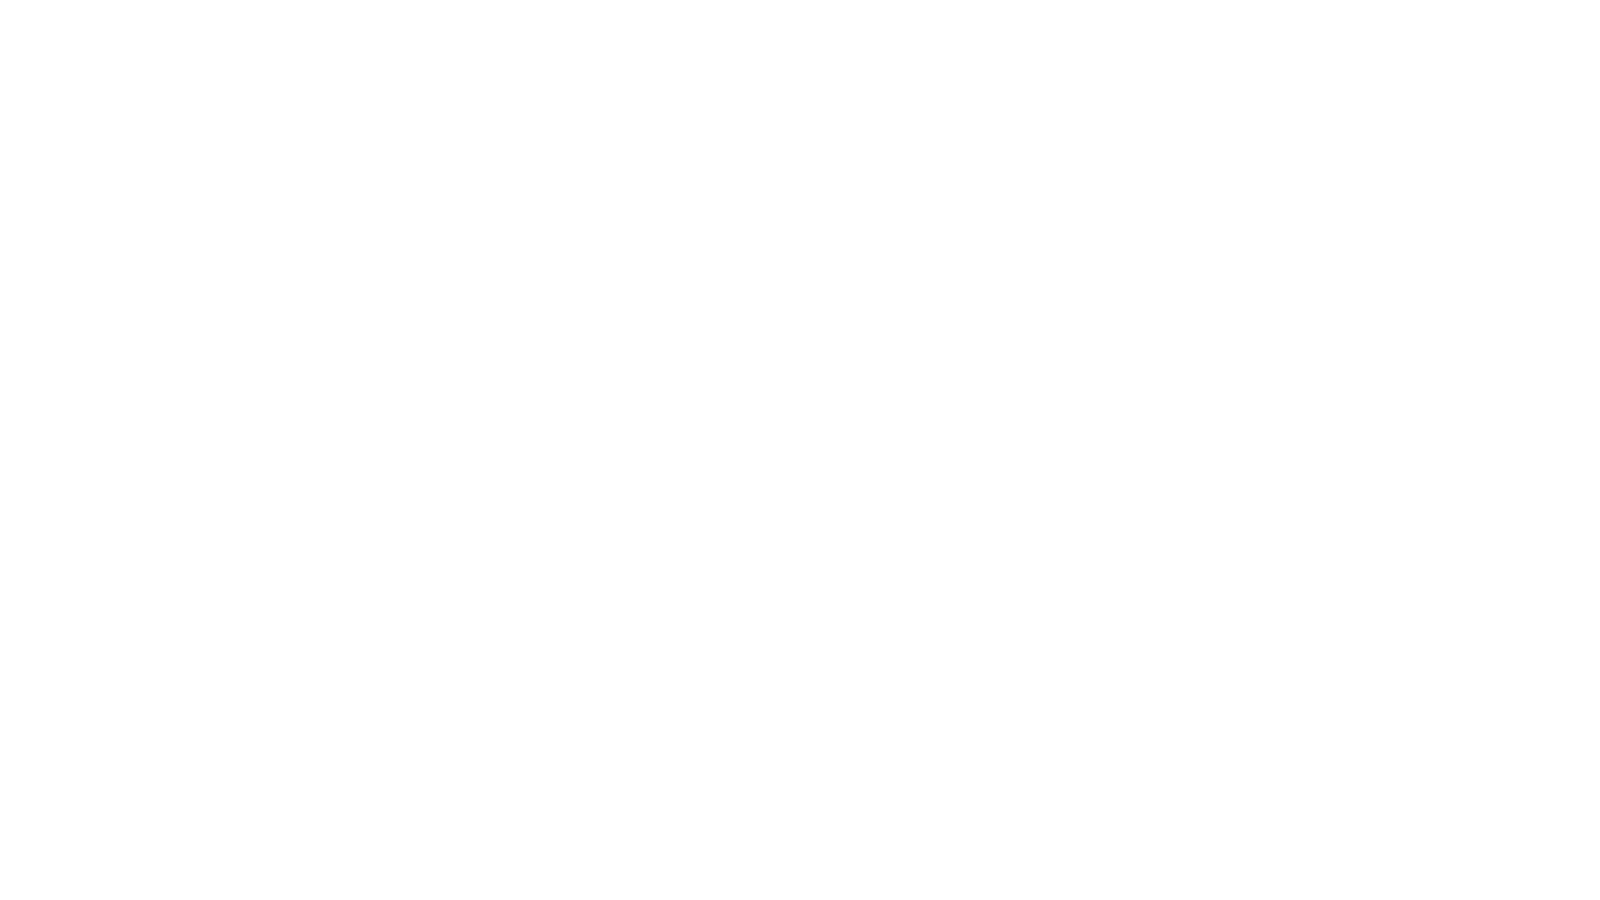 """Es geht wieder weiter, mit der Livestreamreihe der Nordseehalle Emden.  NORDSEEHALLE LIVE  Kulturevents Emden und die Nordseehalle Emden laden zum kostenlosen Livestream ein. Ostfriesland Rockt! Es erwartet euch ein bunt gemischtes Rock Erlebnis. Live aus der Nordseehalle Emden.  Live On Stage: – """"Vathouse"""" – Irisch Folk & Rock  – """"Weckörhead"""" –   Die eigenwillige Motörhead Tribute Kapelle mit deutschen Texten!  Nordseehalle Live – Ostfriesland Rockt  Wann: Samstag 01.05.2021 – ab: 20:00 Uhr  Wo: stream.kulturevents-emden.de YouTube (Kulturevents Emden) Facebook (Nordseehalle Emden)  Das gesamte Team wünscht viel Spaß. Bitte beachtet die Corona Verordnung!  Rock ´n´ Roll   Wir freuen uns auf Euch ❤#livestream#wohnzimmerrave#stayathome#stayhealthy#ostfriesland#nordseehalle#kultureventsemden#live#music#ohneunsiststille#savethemusic#savetheculture#firstin365#coronakünstlerhilfe"""